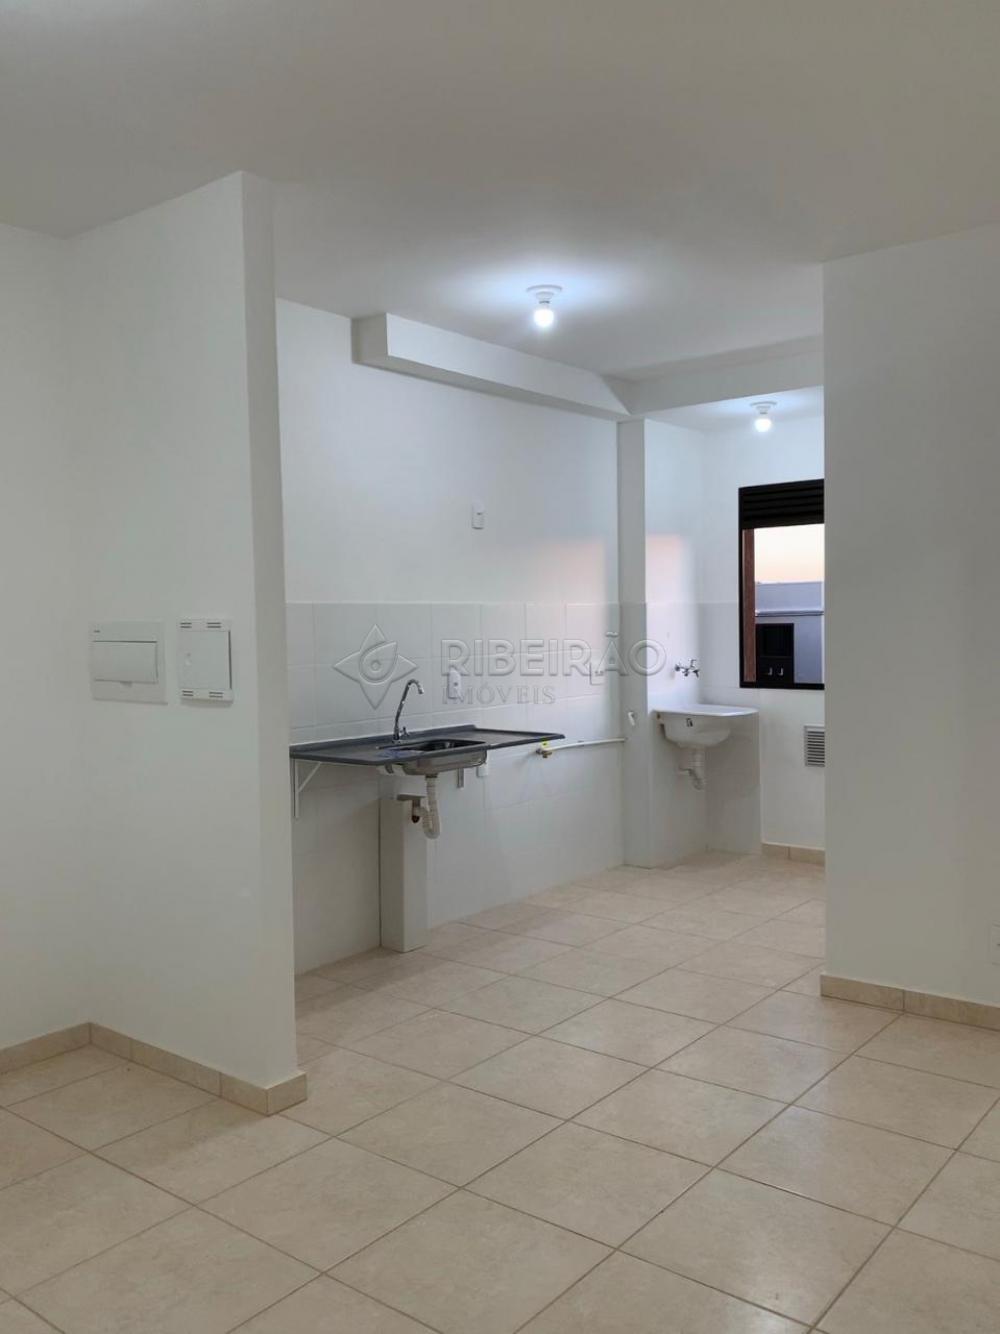 Alugar Apartamento / Padrão em Bonfim Paulista apenas R$ 600,00 - Foto 6